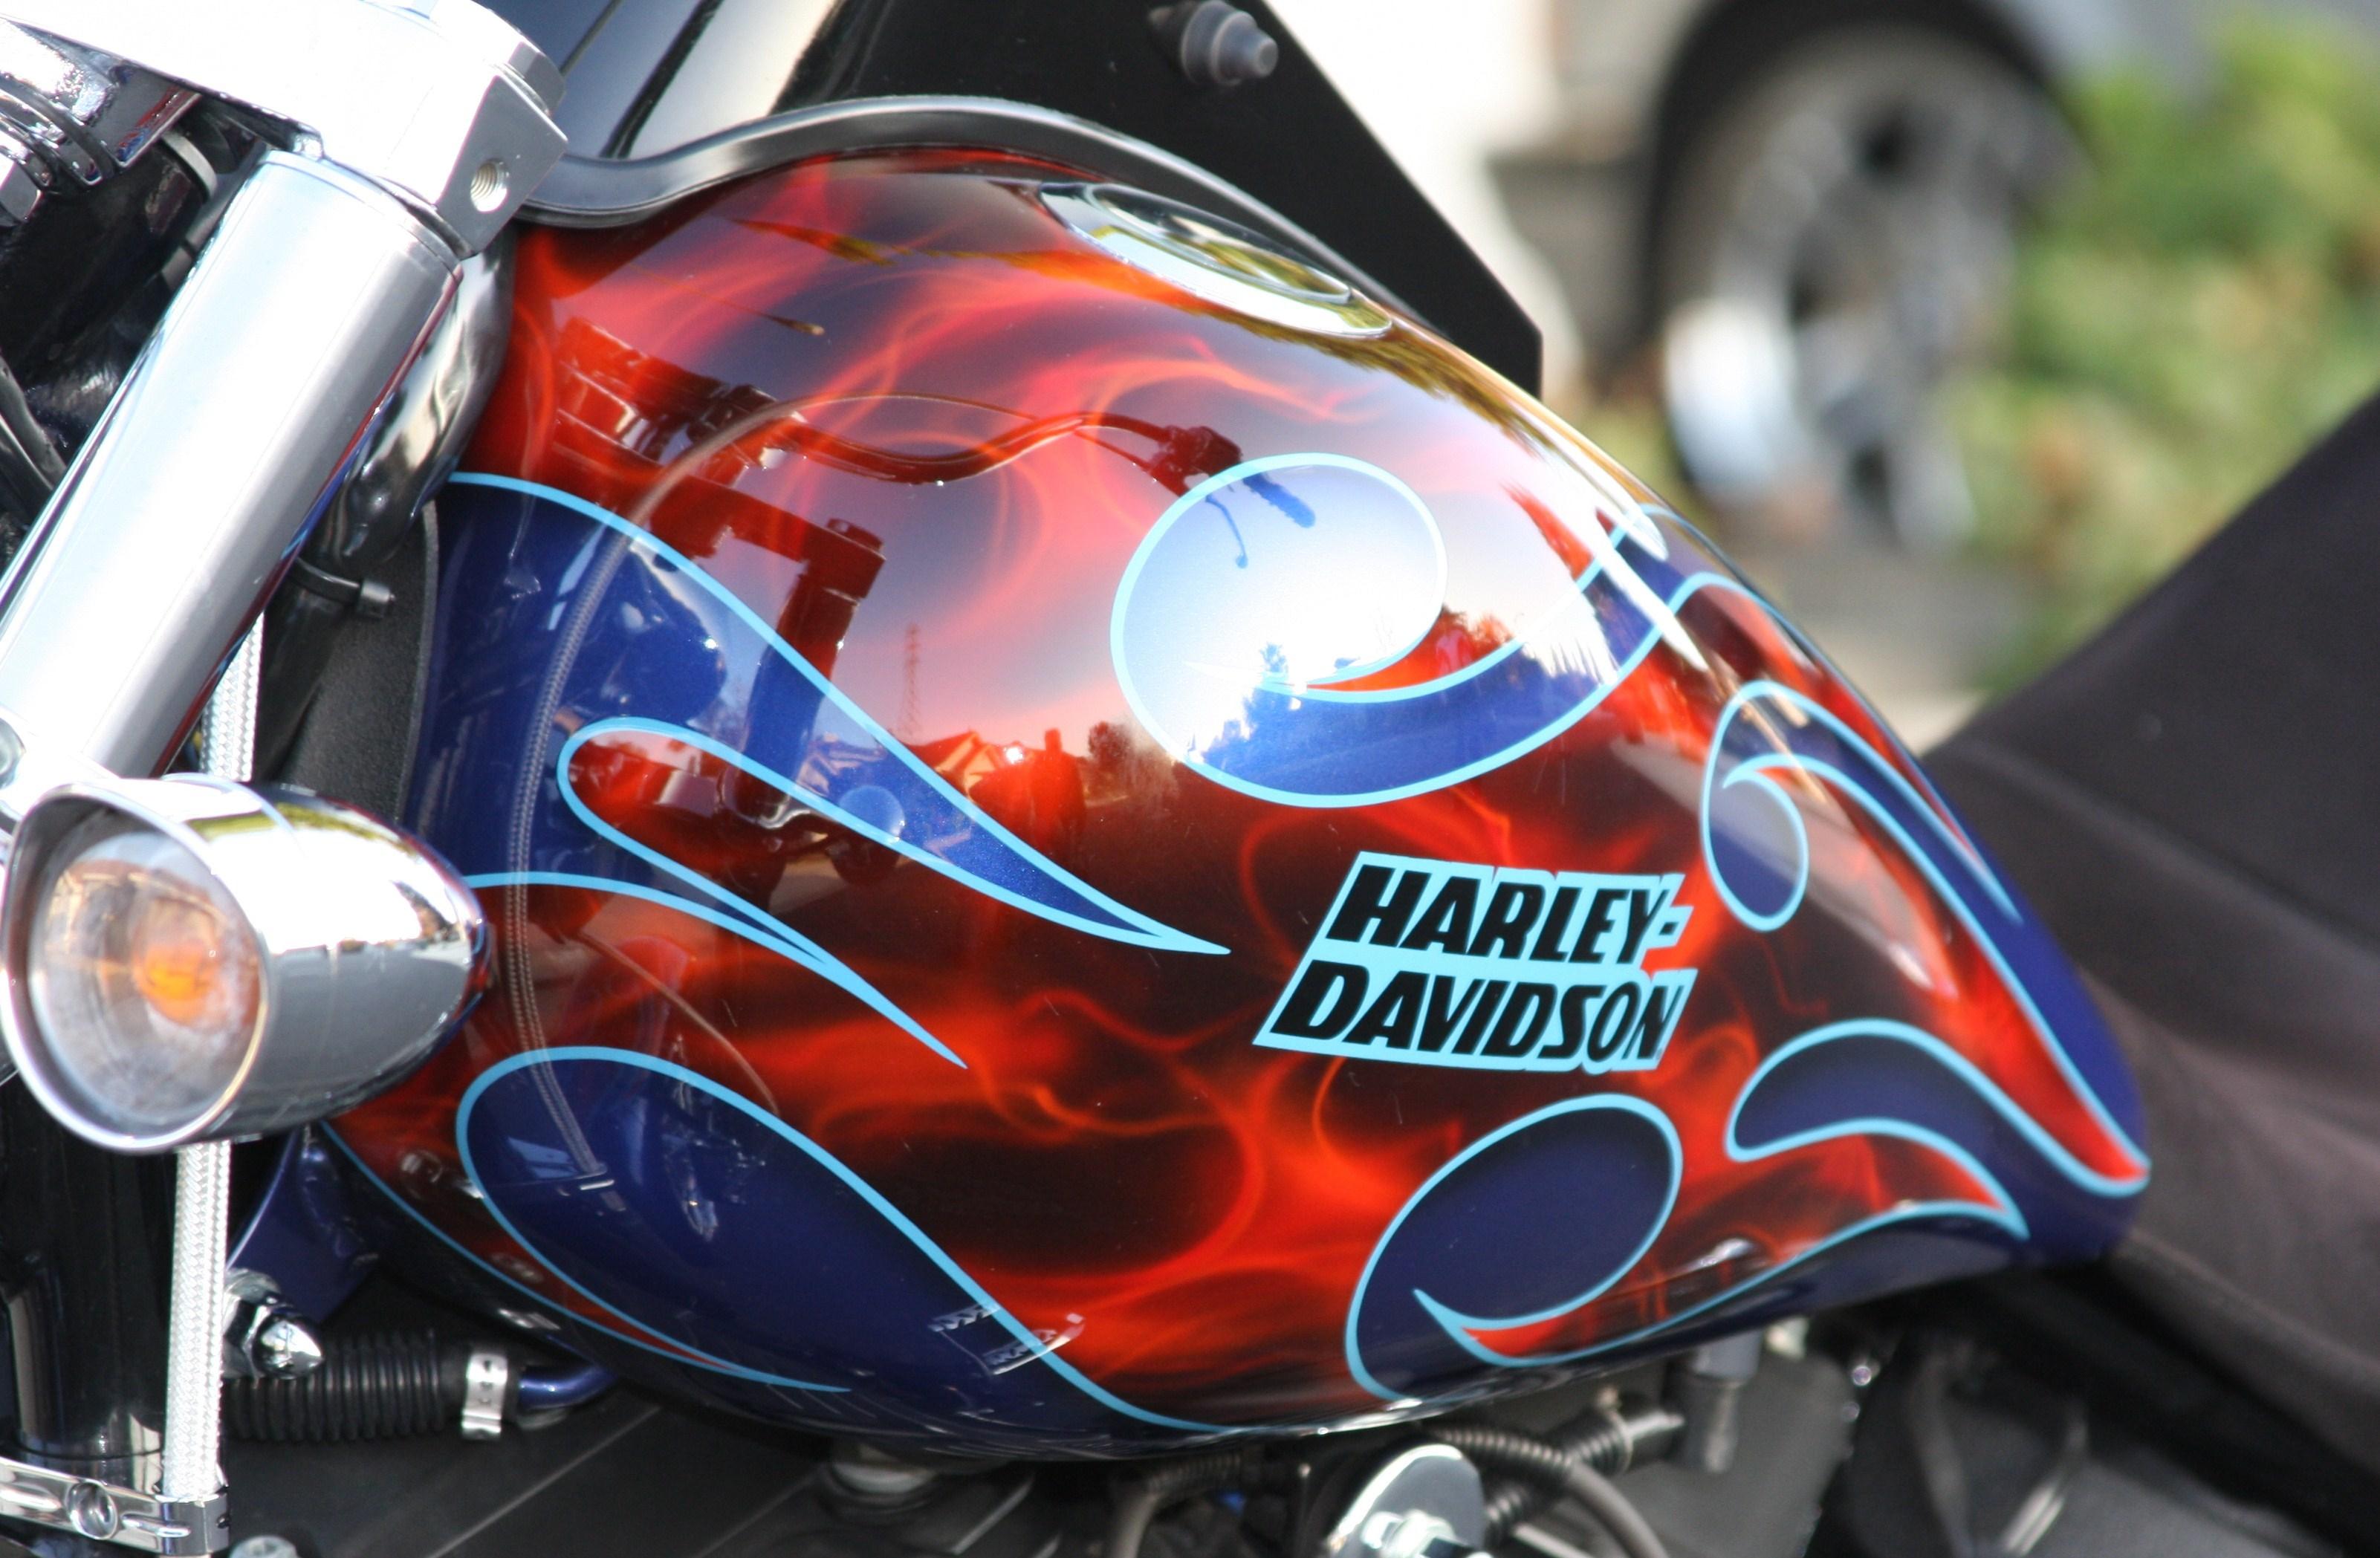 2006 Harley Davidson 174 Fxstb I Softail 174 Night Train 174 Blue